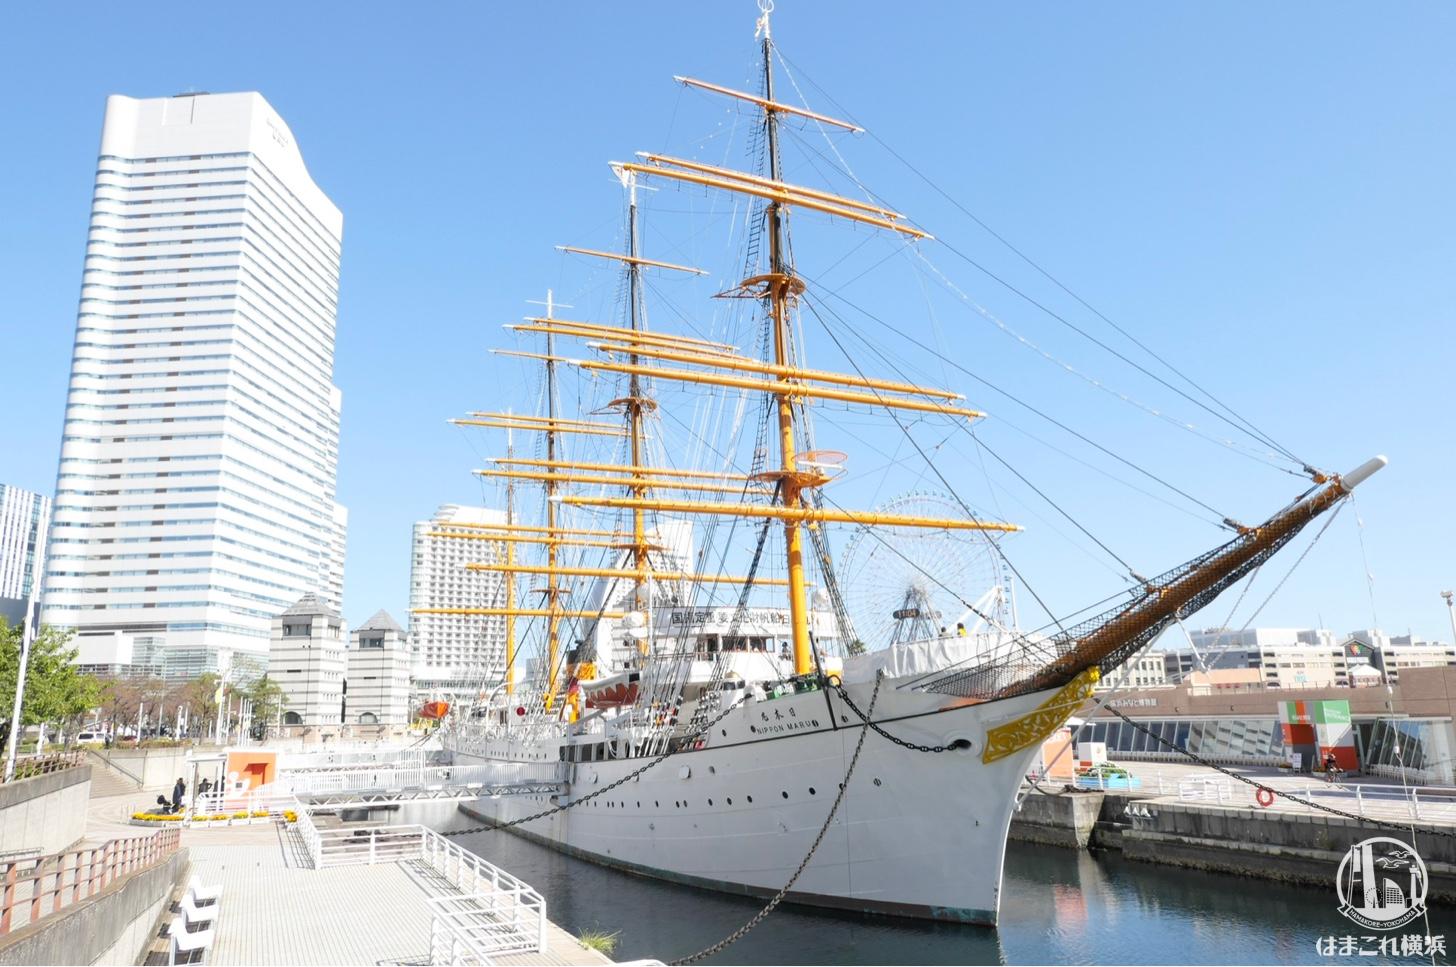 帆船日本丸観光!甲板や船内で日本丸の歴史を肌で感じてきた